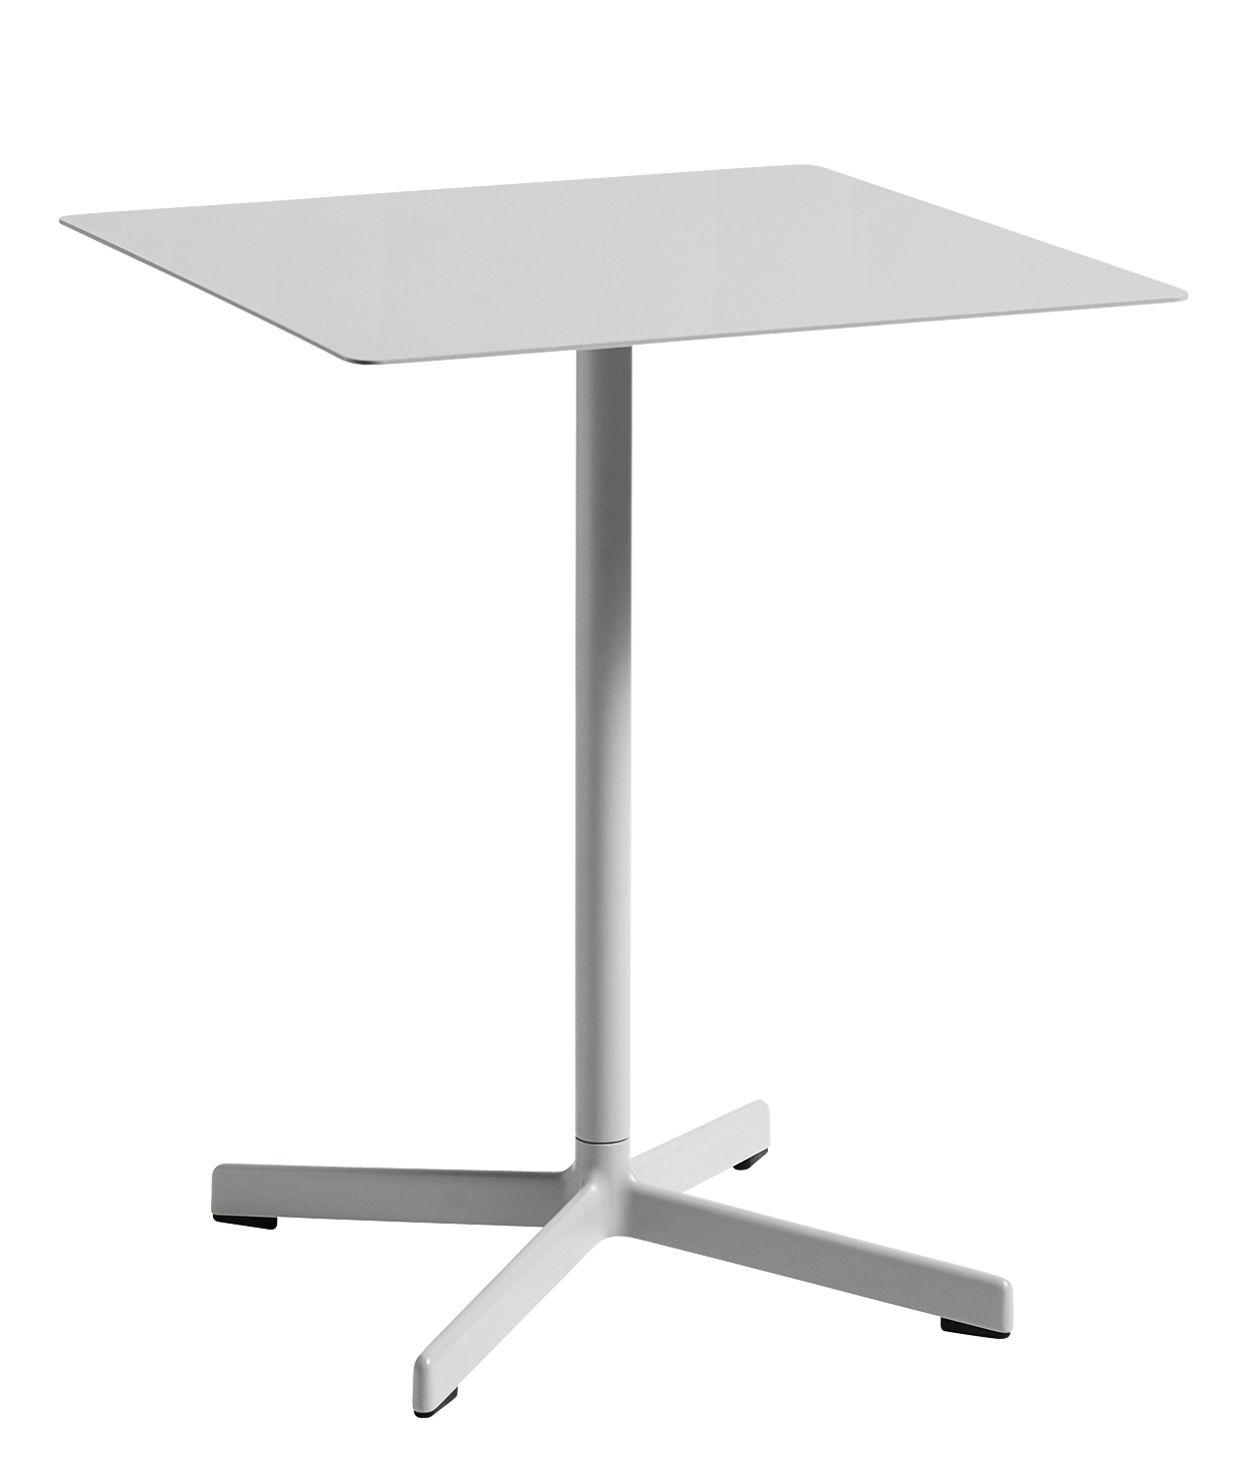 Outdoor - Tische - Neu quadratischer Tisch / 60 x 60 cm - Metall - Hay - Hellgrau - Acier laqué époxy, Aluminiumguss, epoxidlackiert